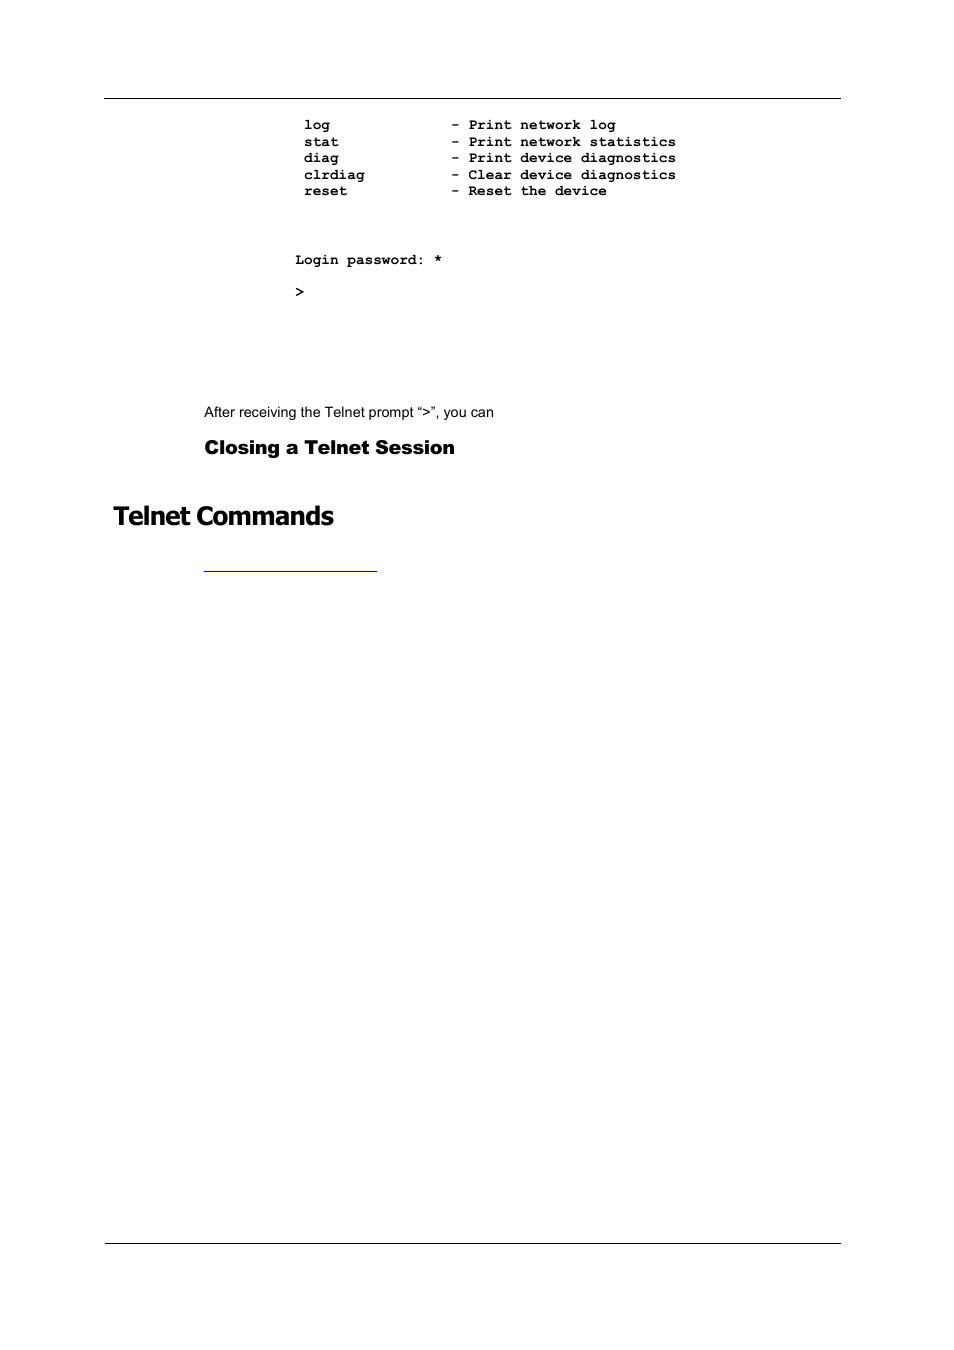 Closing a telnet session, Telnet commands | SATEC PM180